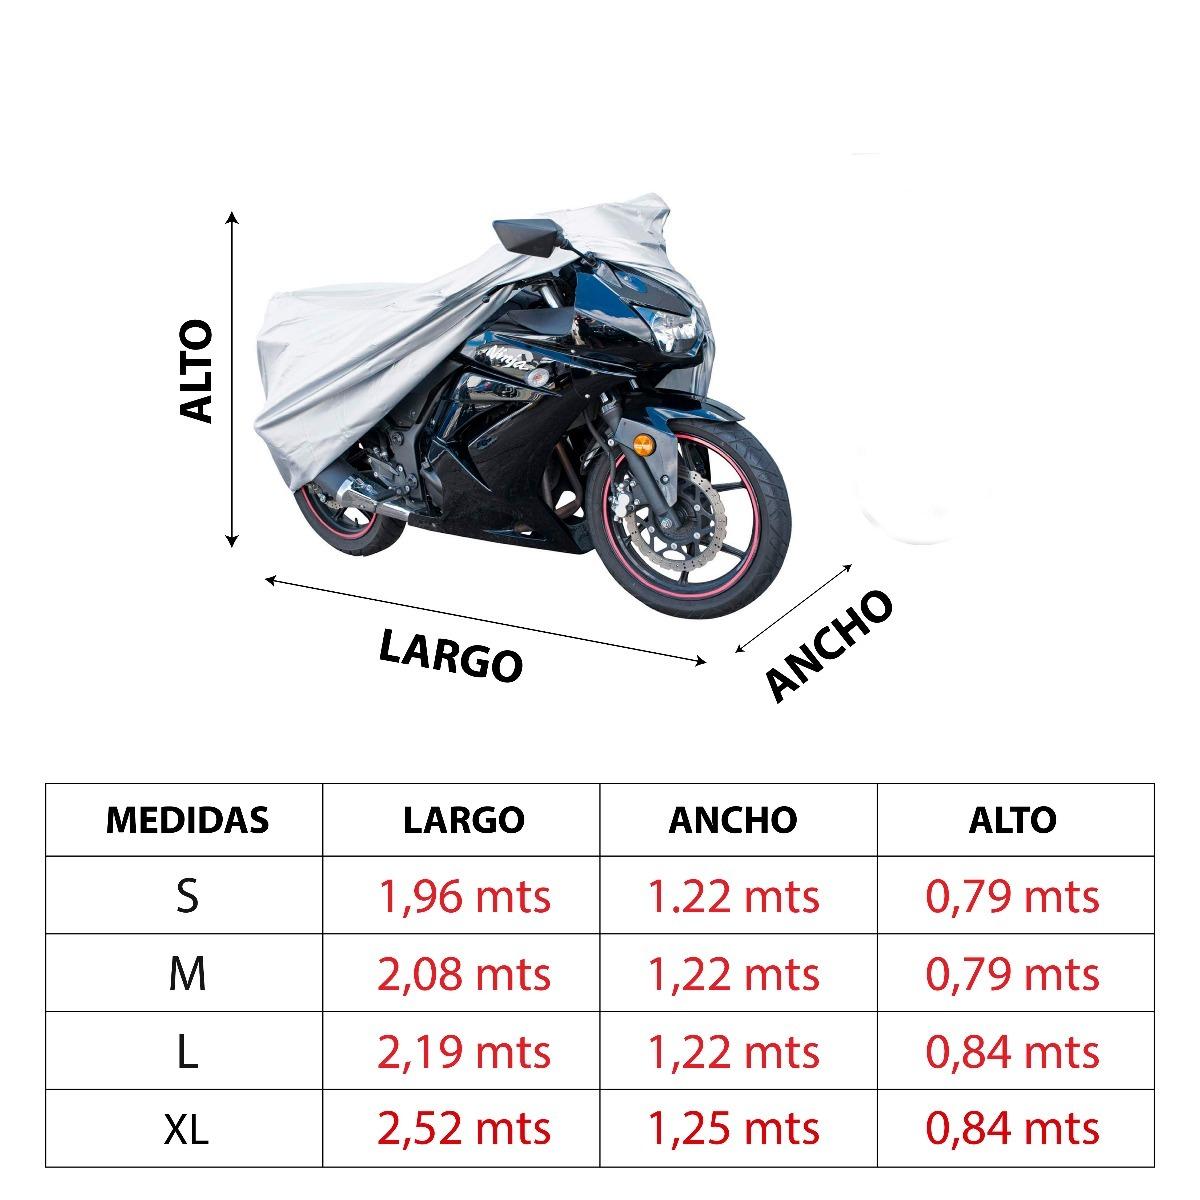 b5ffe4df2e7 Funda Motos - Medida Xl - $ 1.307,00 en Mercado Libre